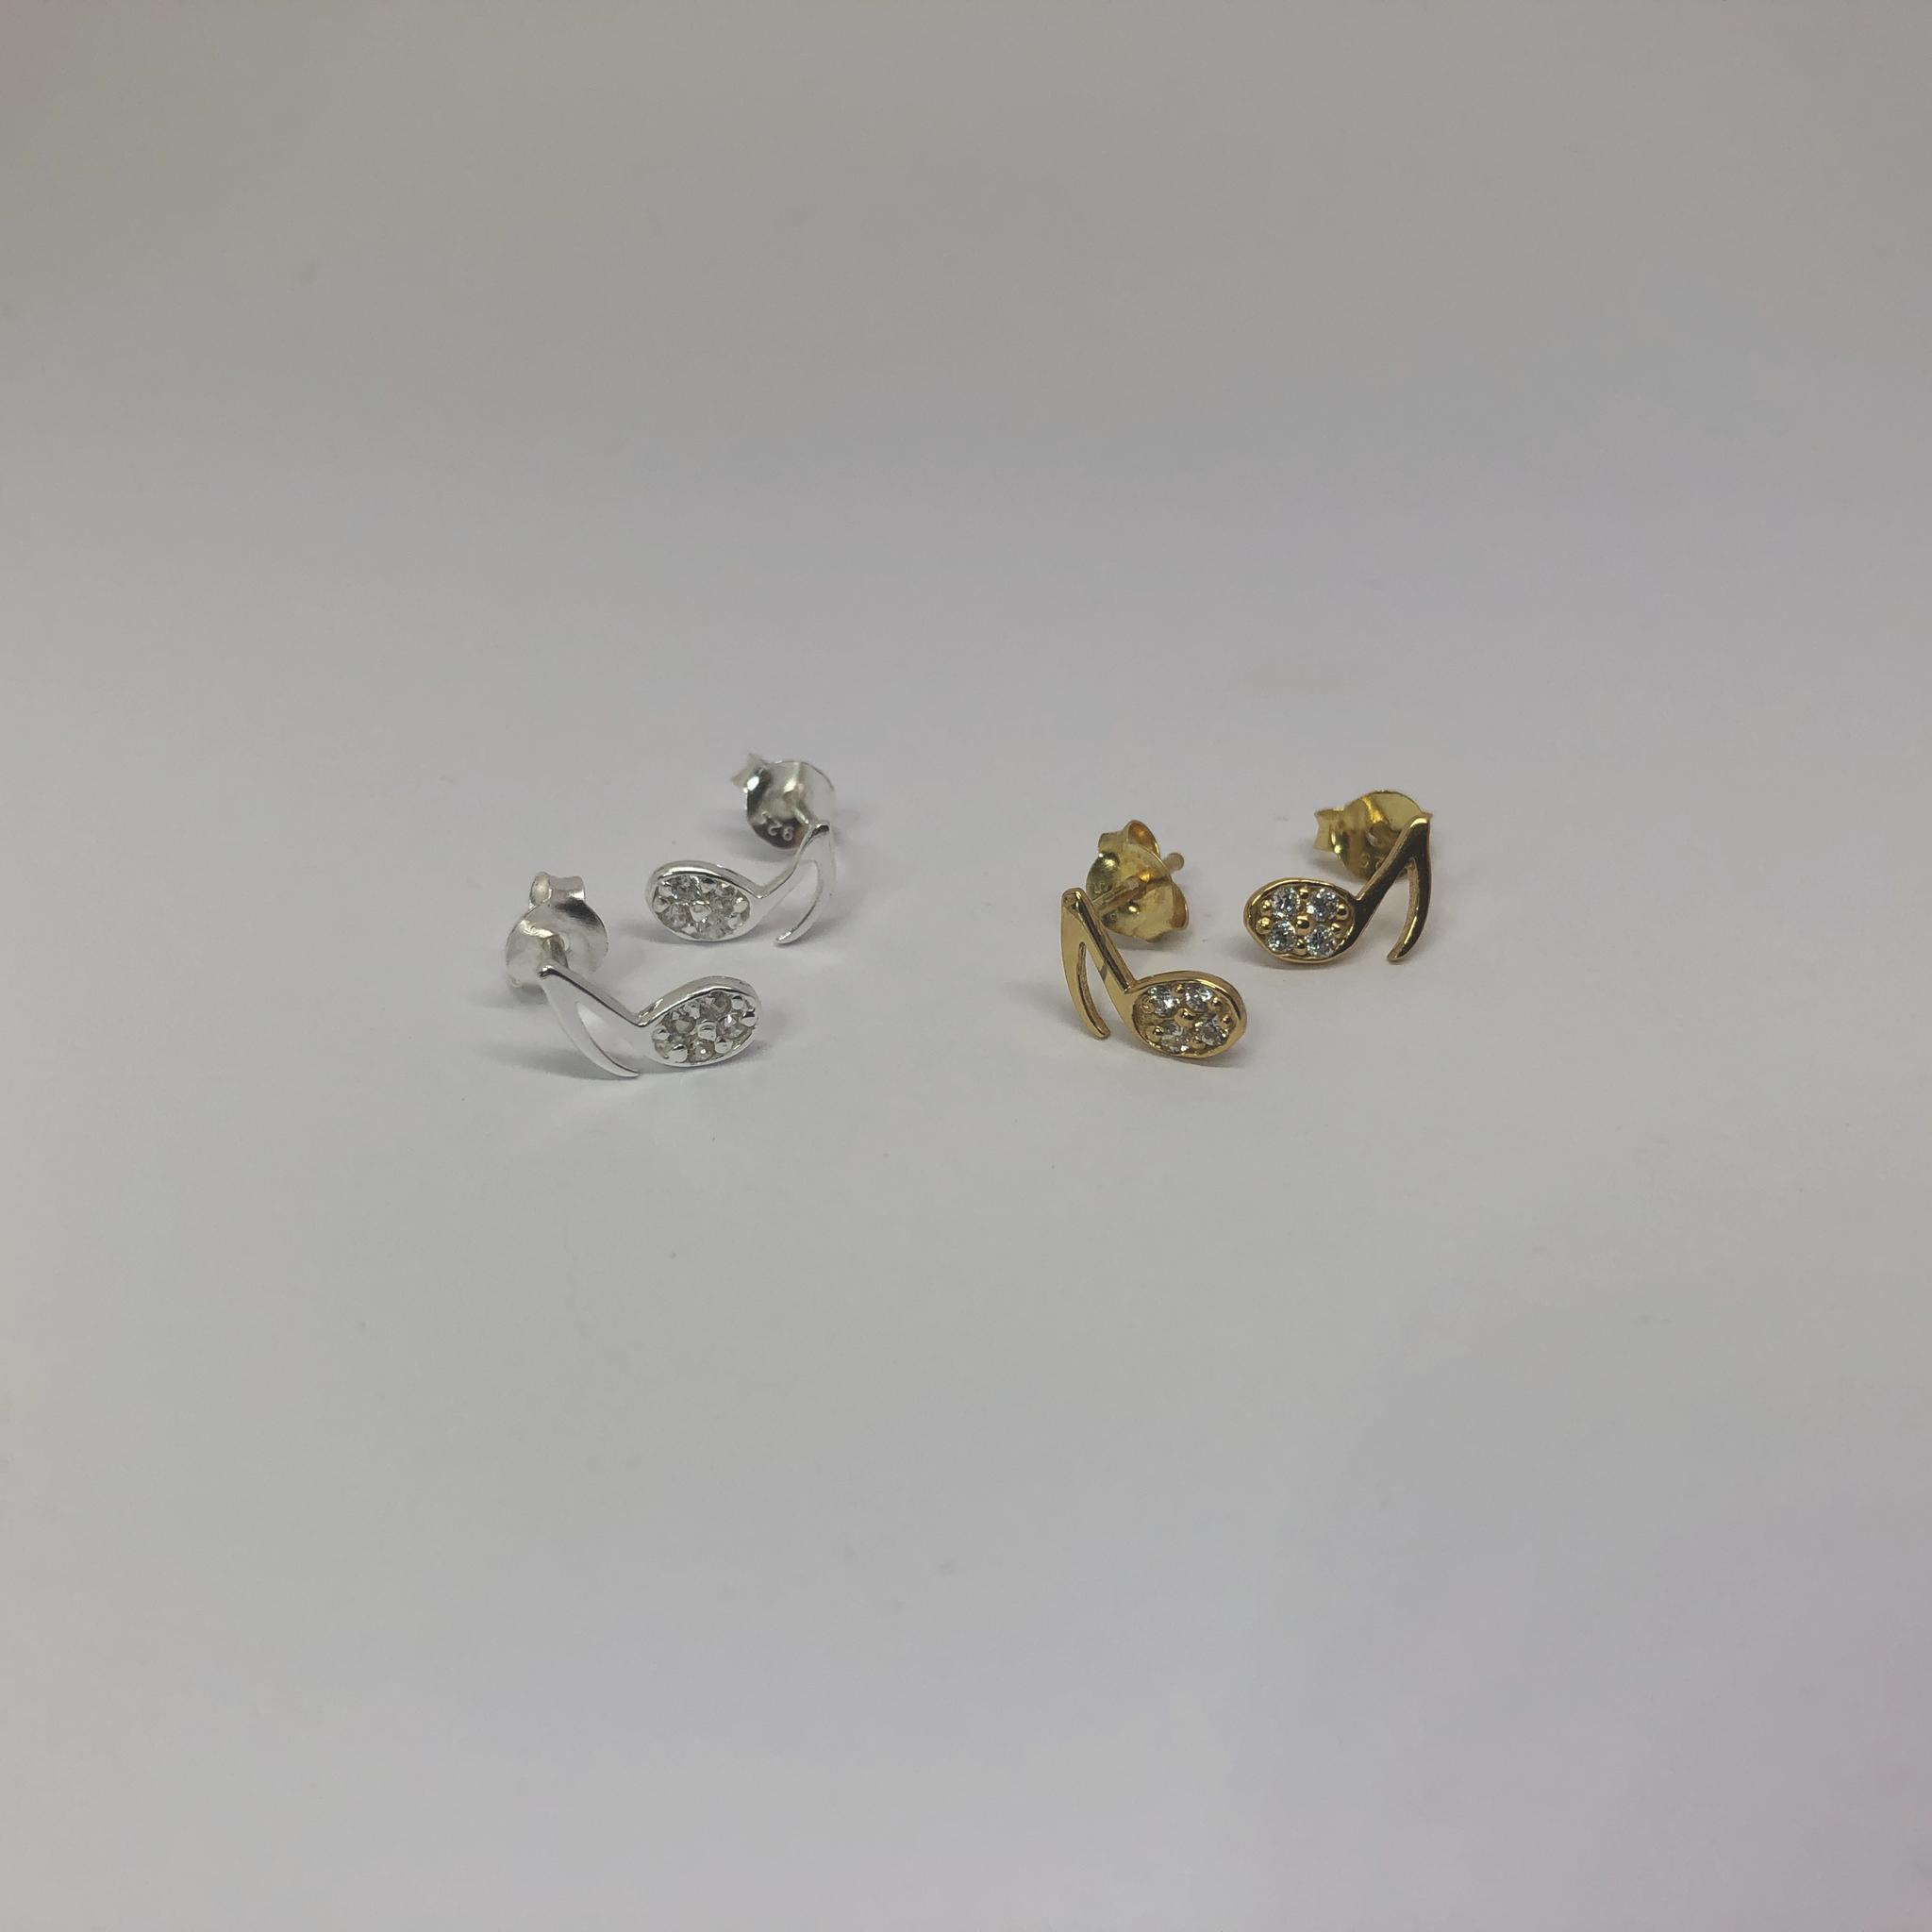 Zilveren en verguld paar mini muzieknoot oorstekers met witte zirkoon-4